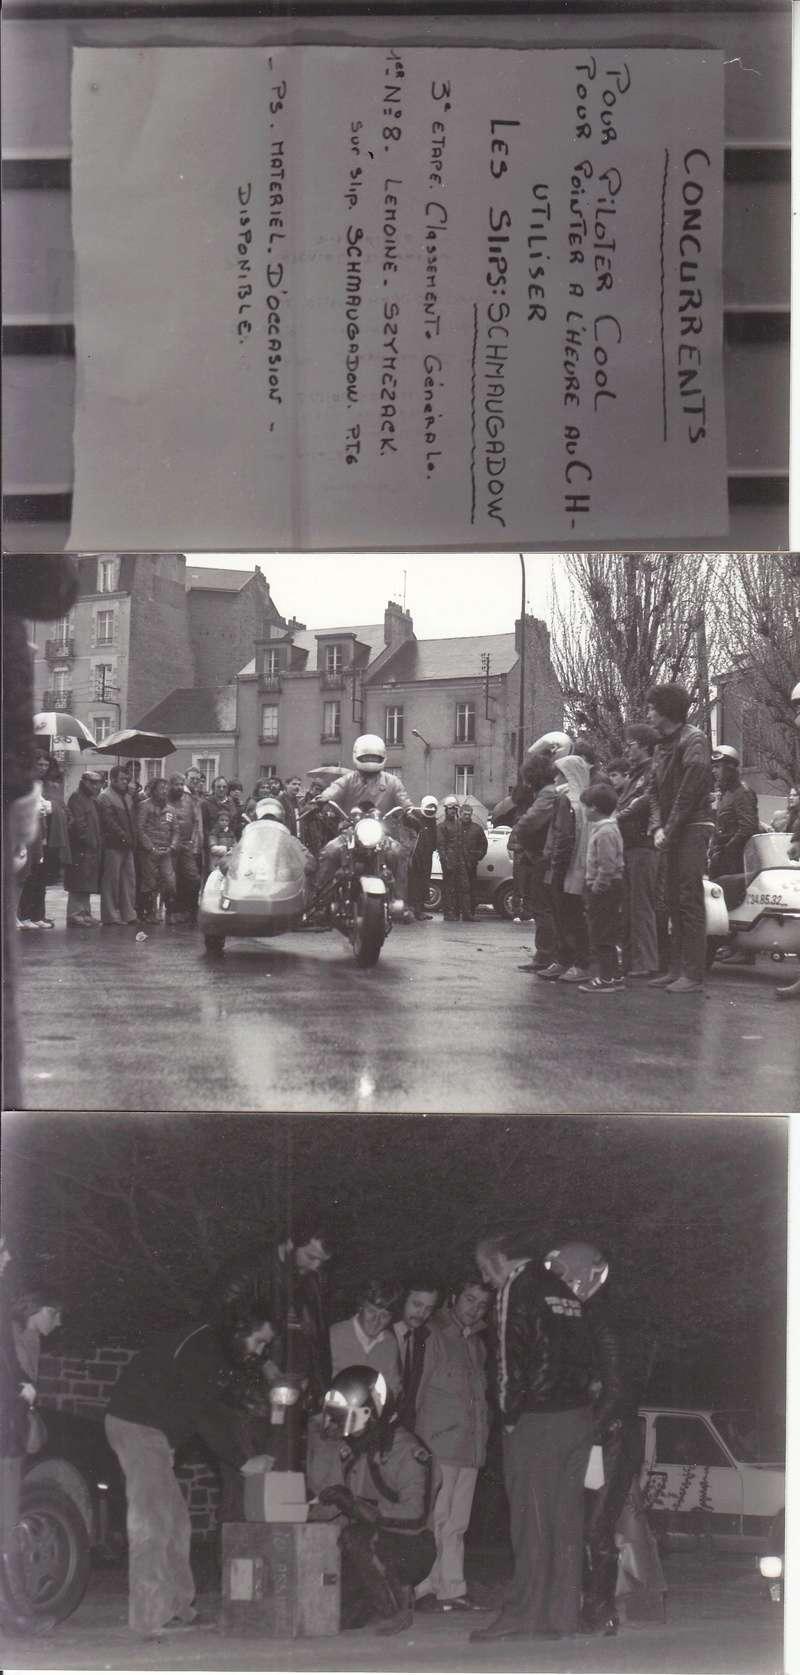 [Oldies] 1980 à 1988: Le Tour de France side-car, par Joël Enndewell  - Page 17 Sans_t83